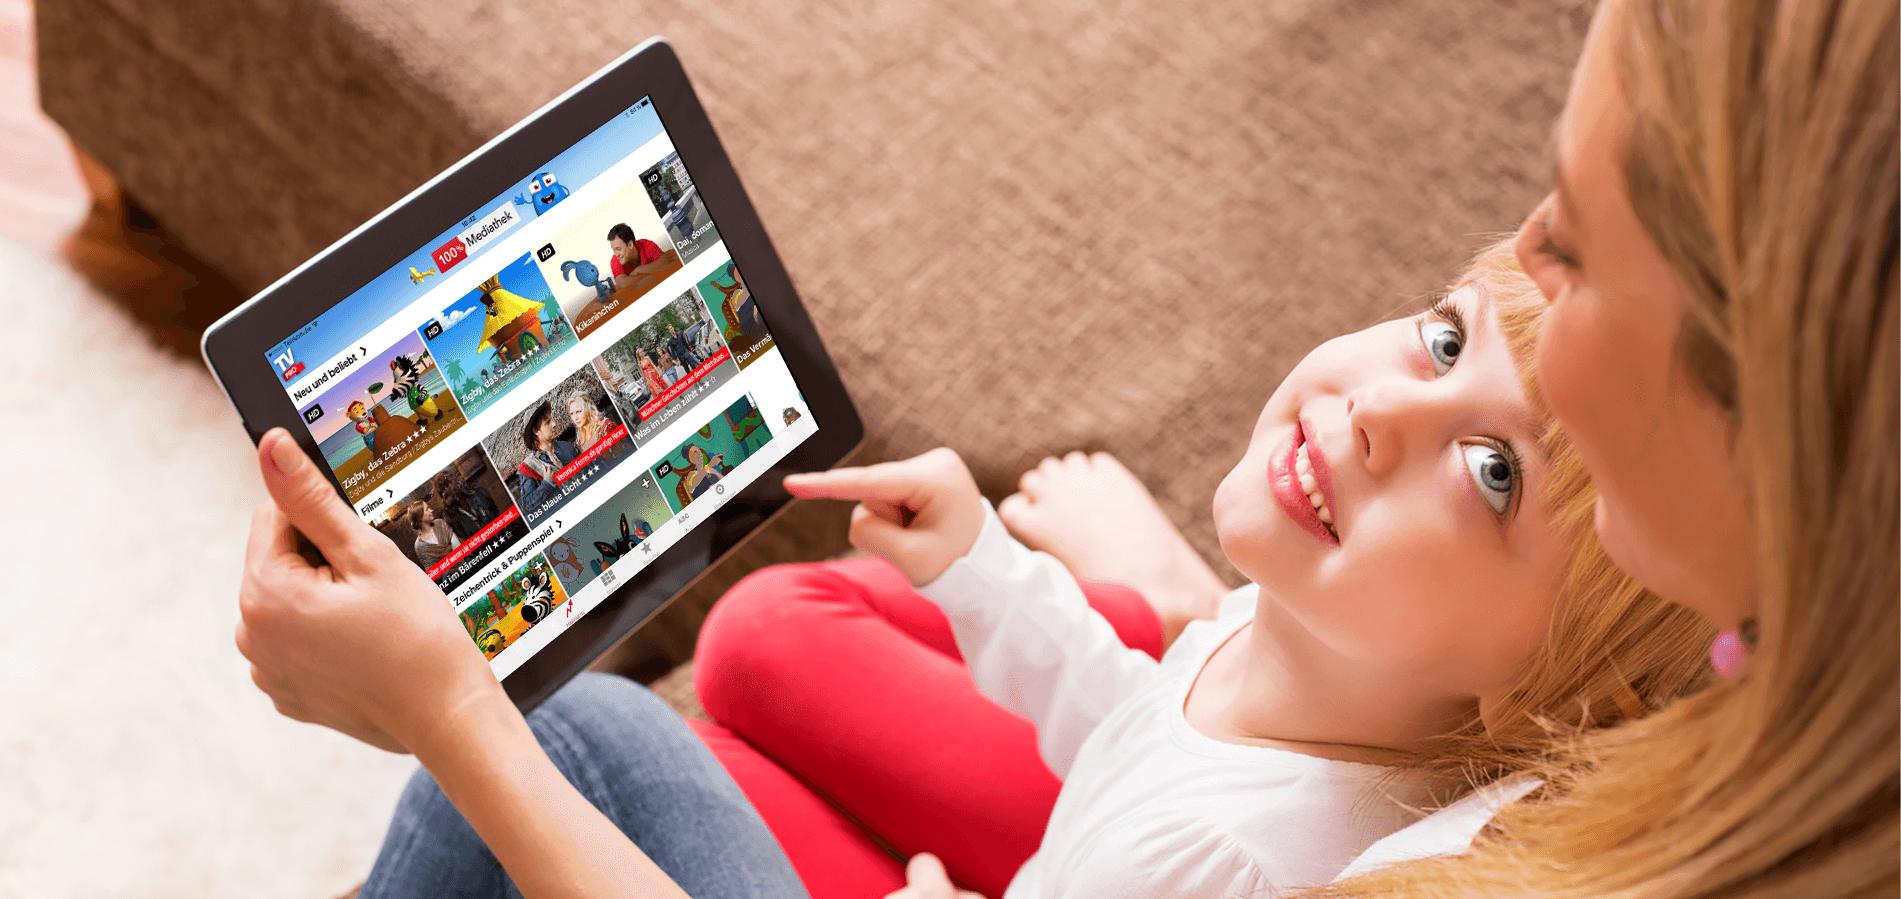 4-tv-pro-mediathek-kids-mood